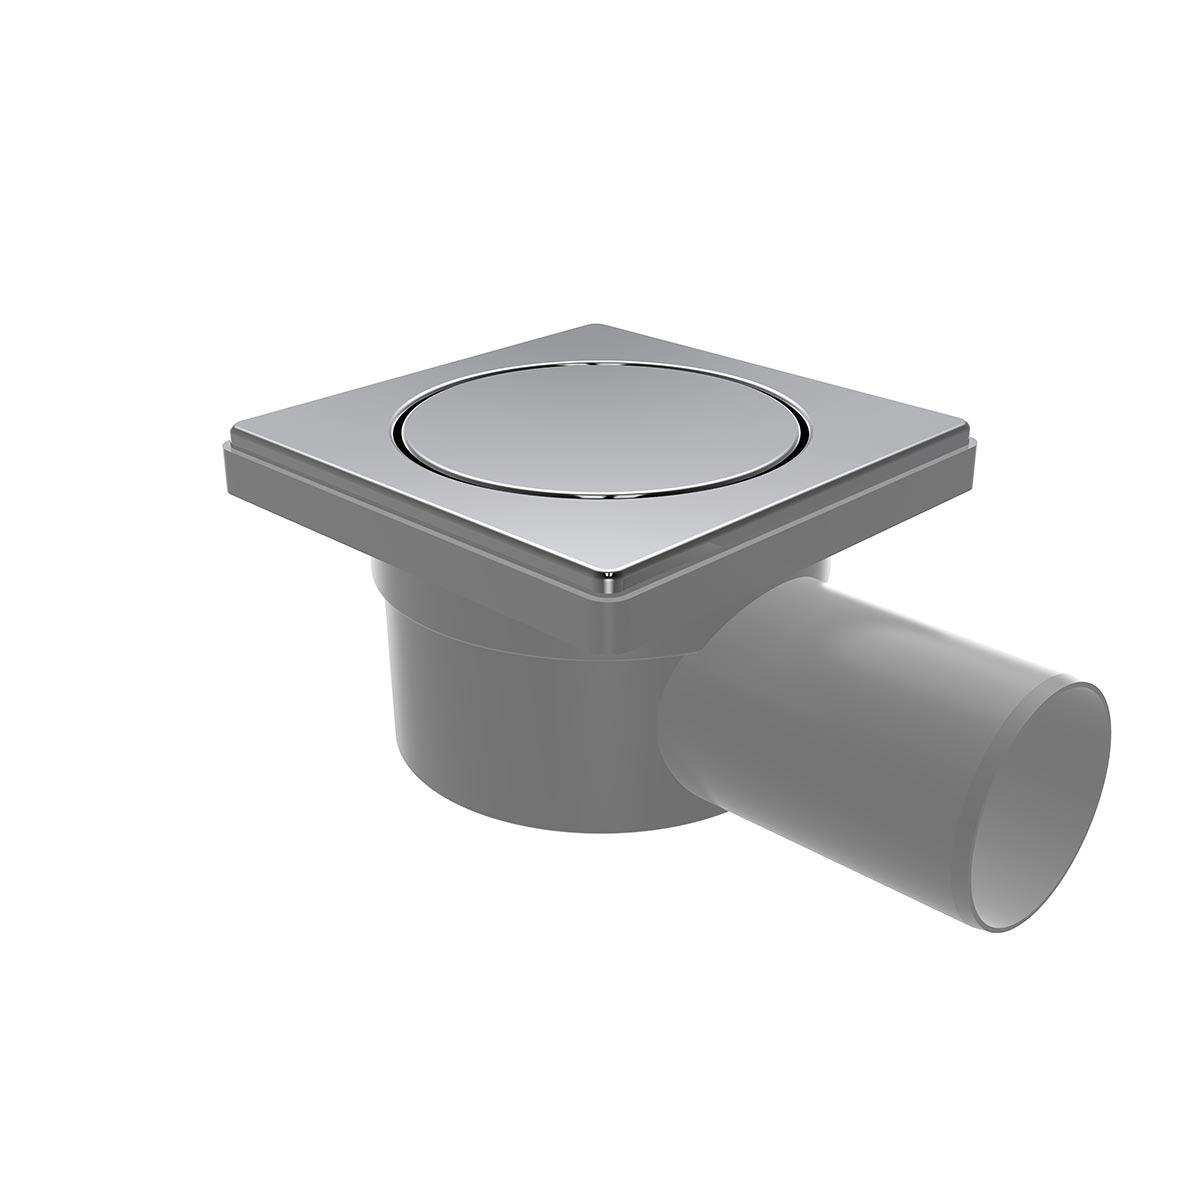 10x10cm Yandan Ø50 çıkışlı, paslanmaz pop-up'lı yer süzgeci